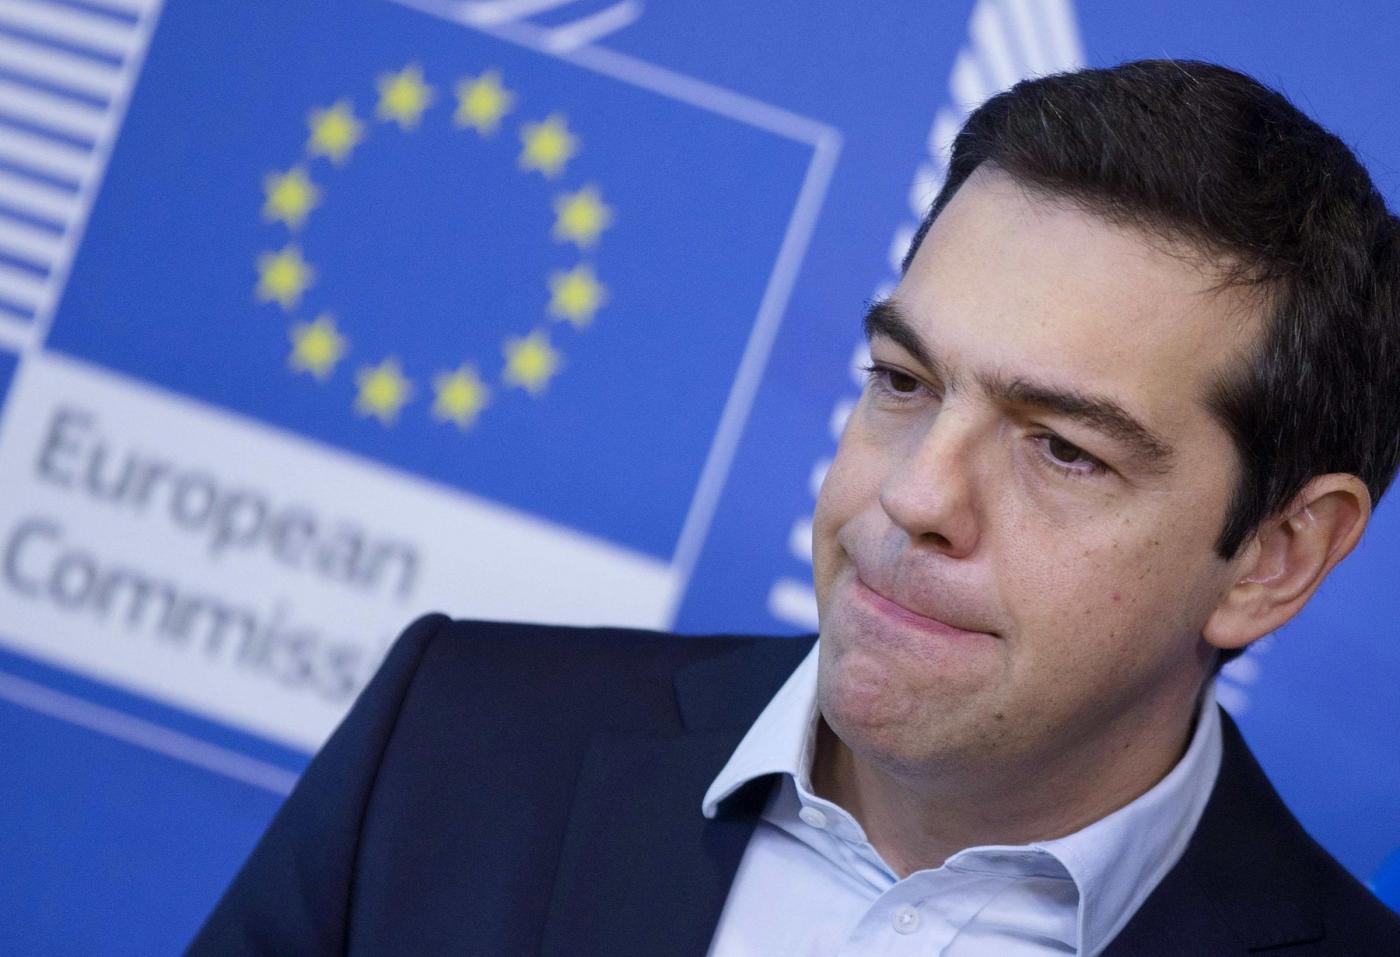 Alexis tsipras in visita a bruxelles blitz quotidiano - Finestre pensione 2015 ...